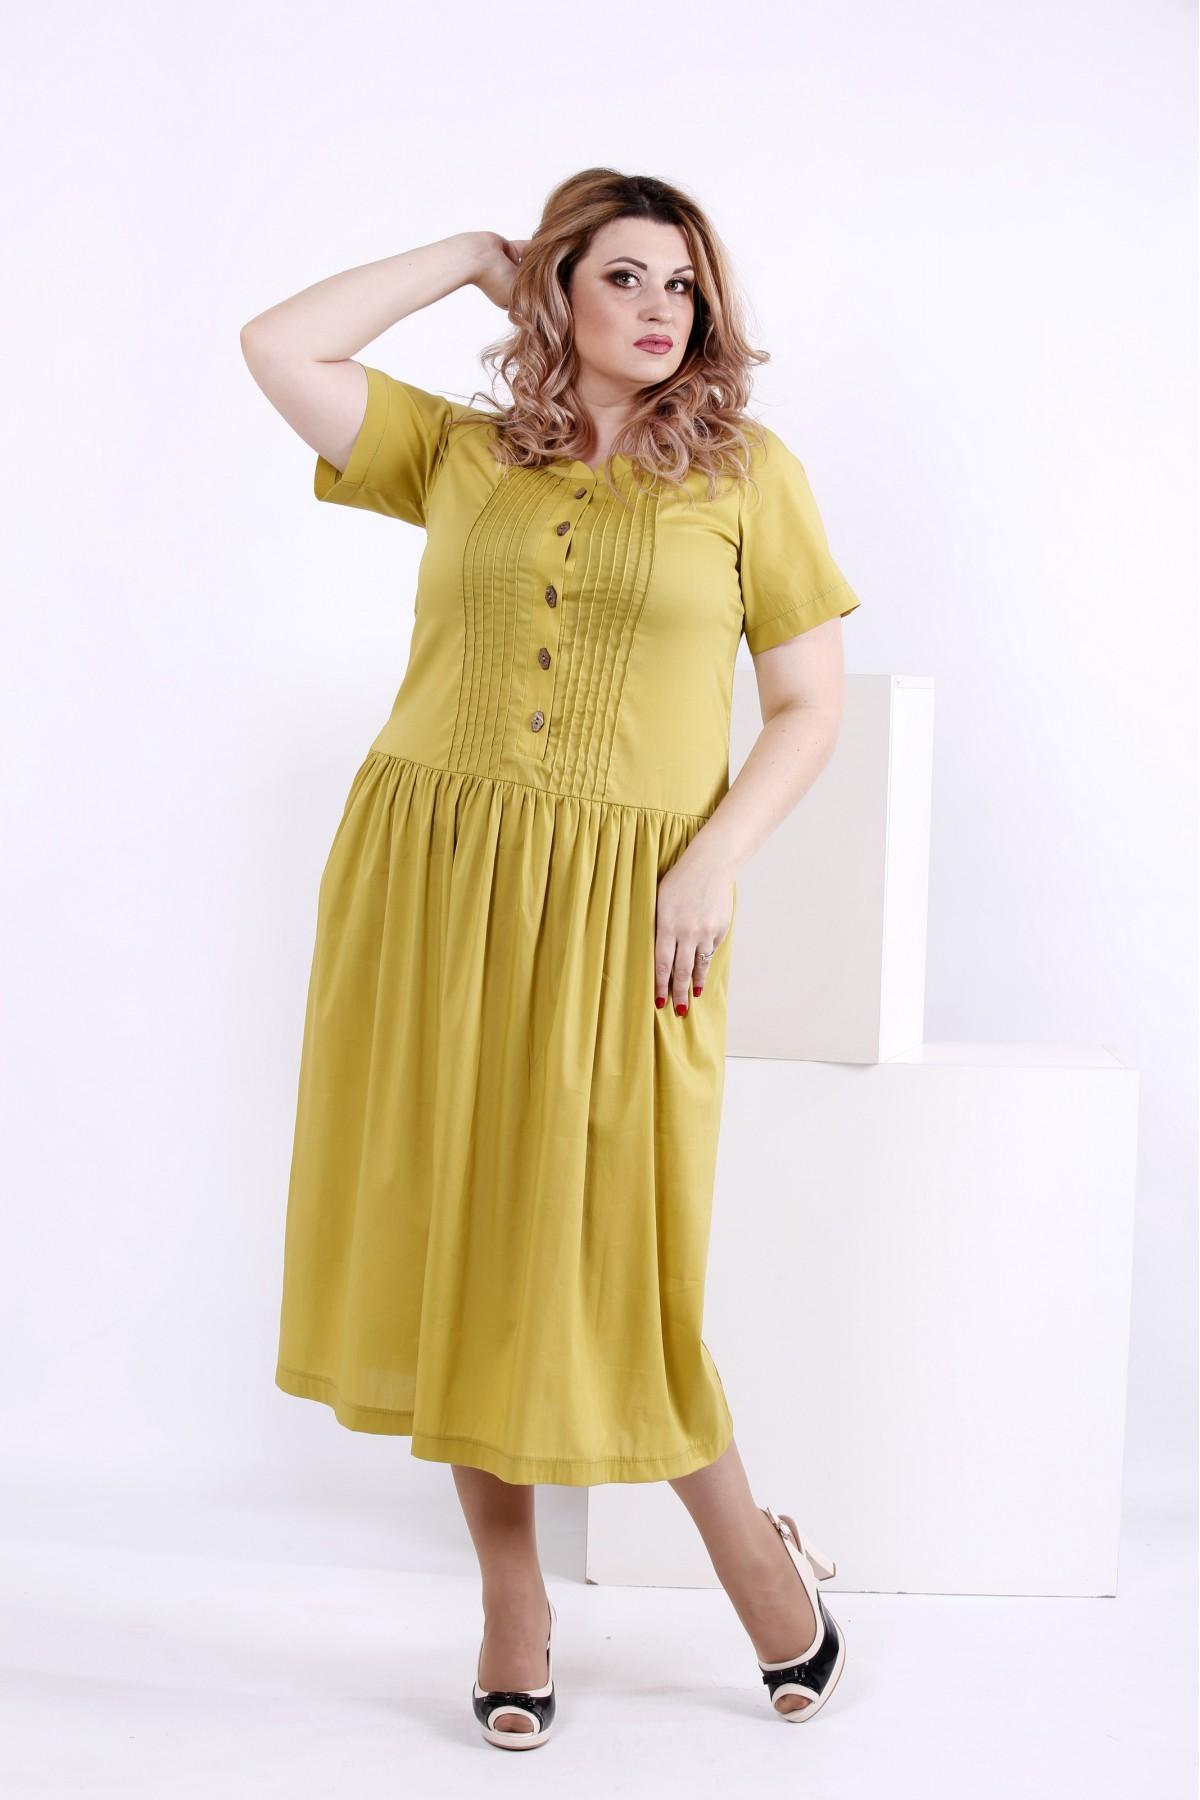 aa8fa6c0f5a796 Купити Літня жовта сукня | 0845-1 недорого ♥ Гаррі Шоп